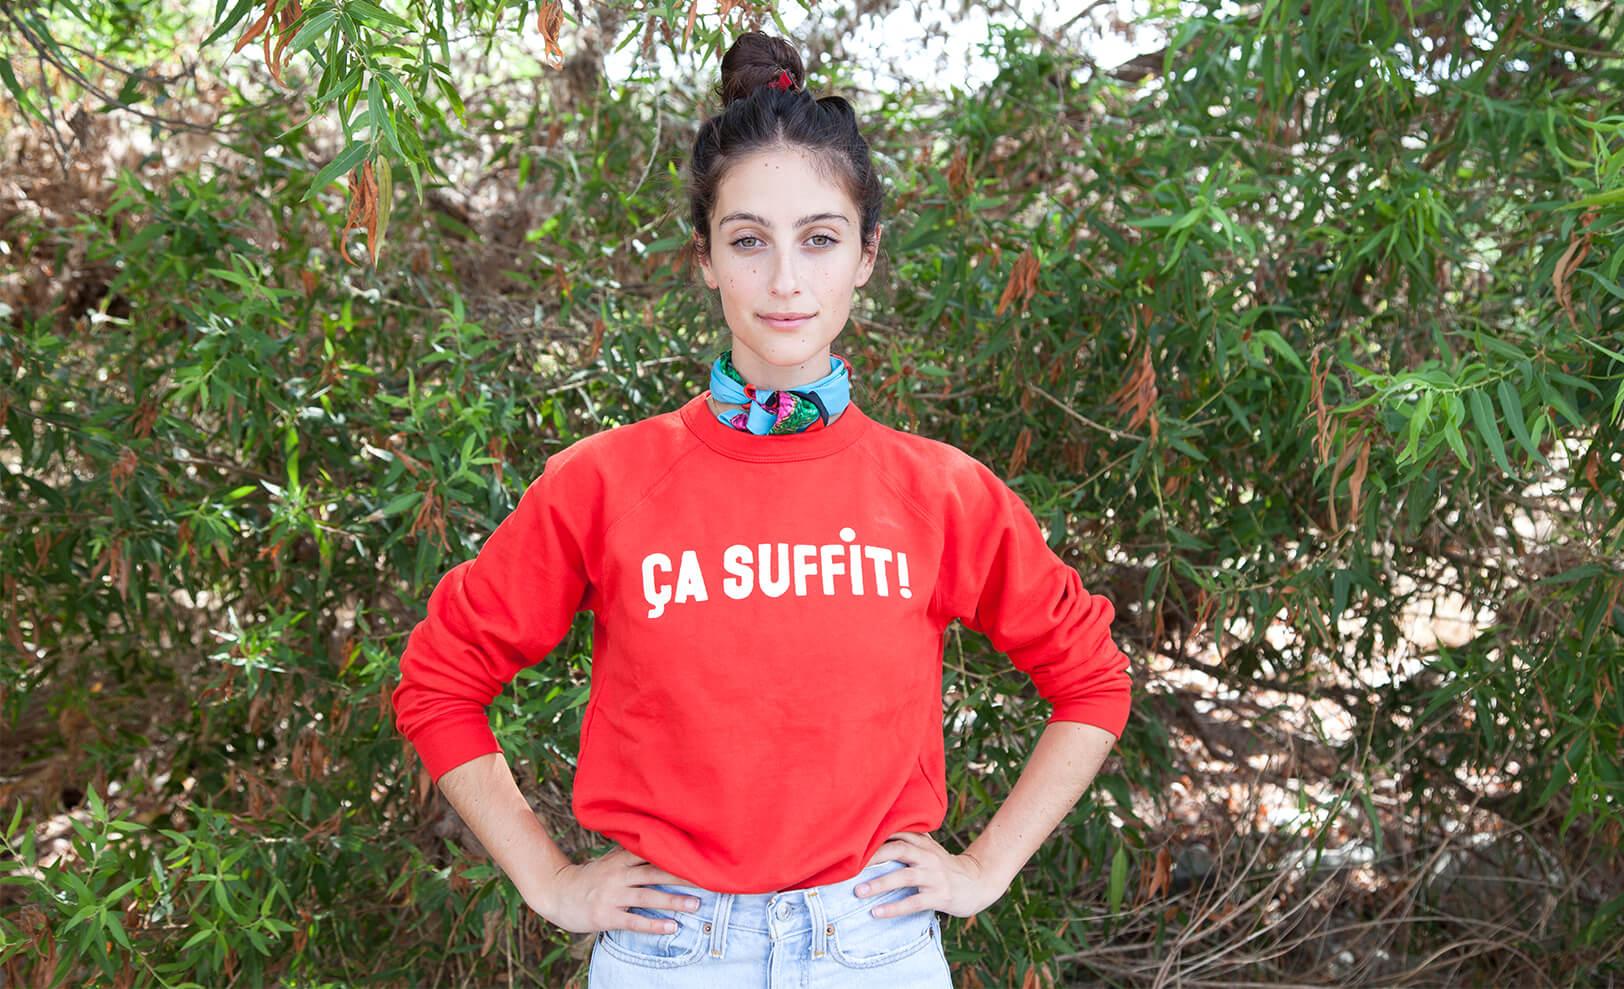 Model Wearing Clare V Sweatshirt